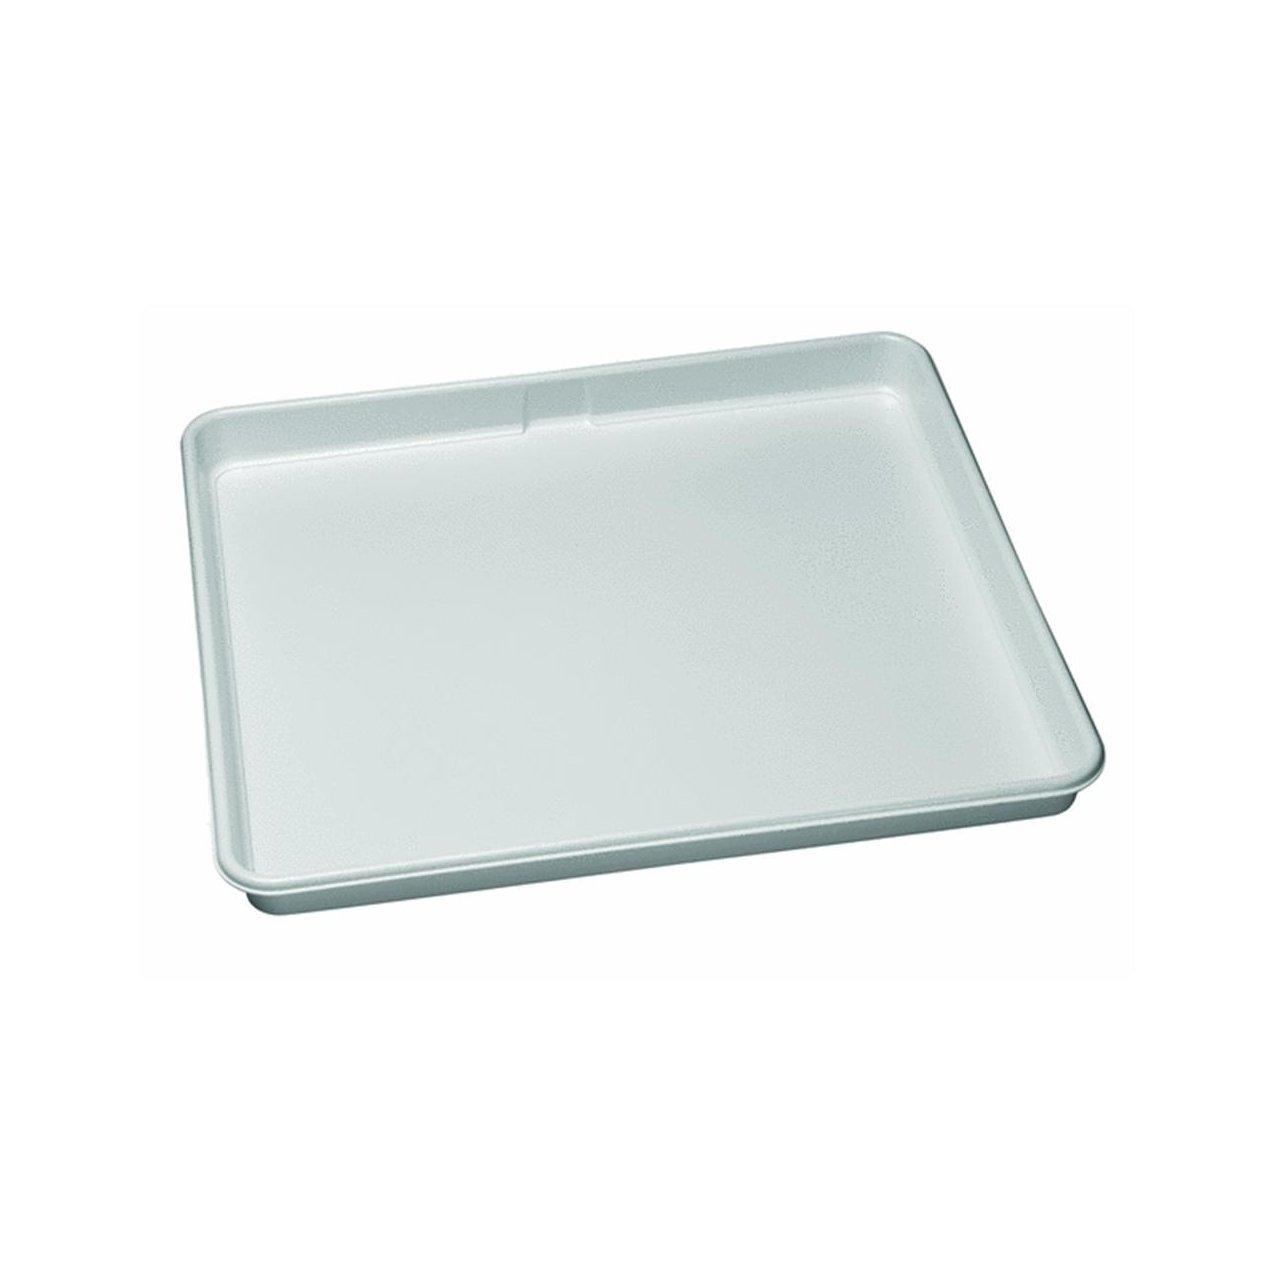 Plastic Pan – Bagged Oatey 34051